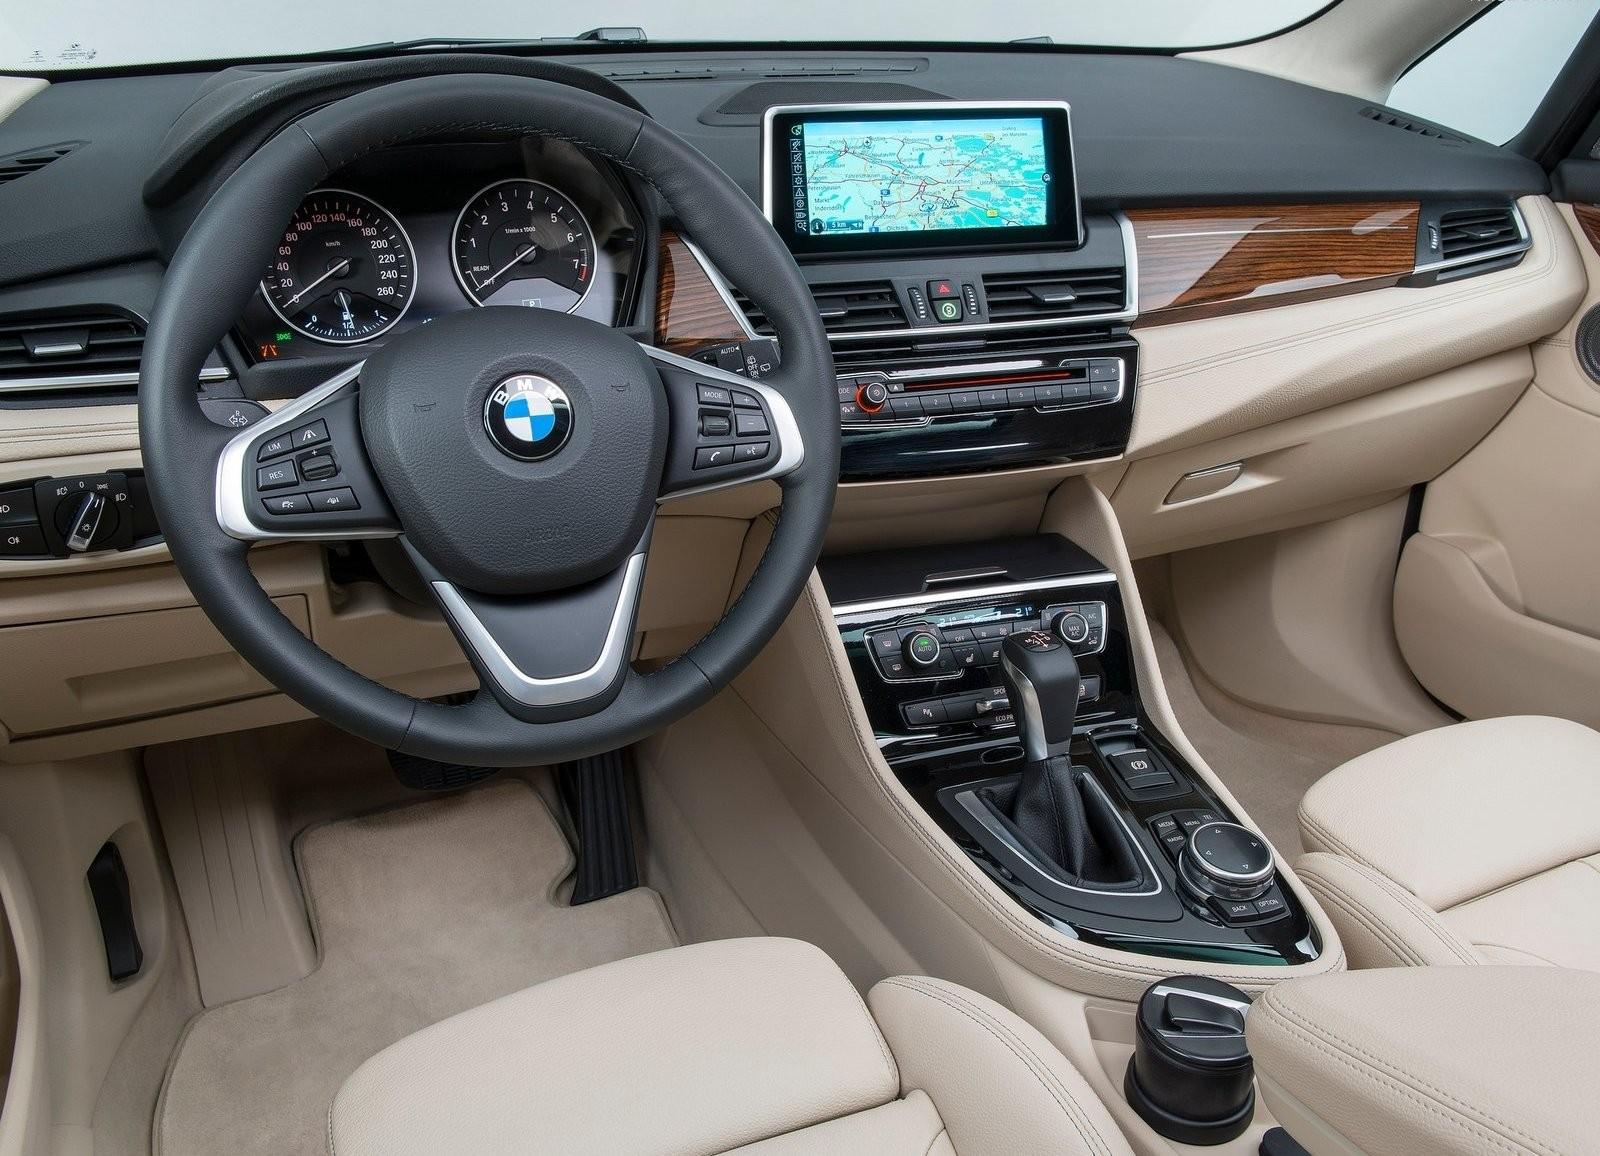 BMW 2 Series interior dash